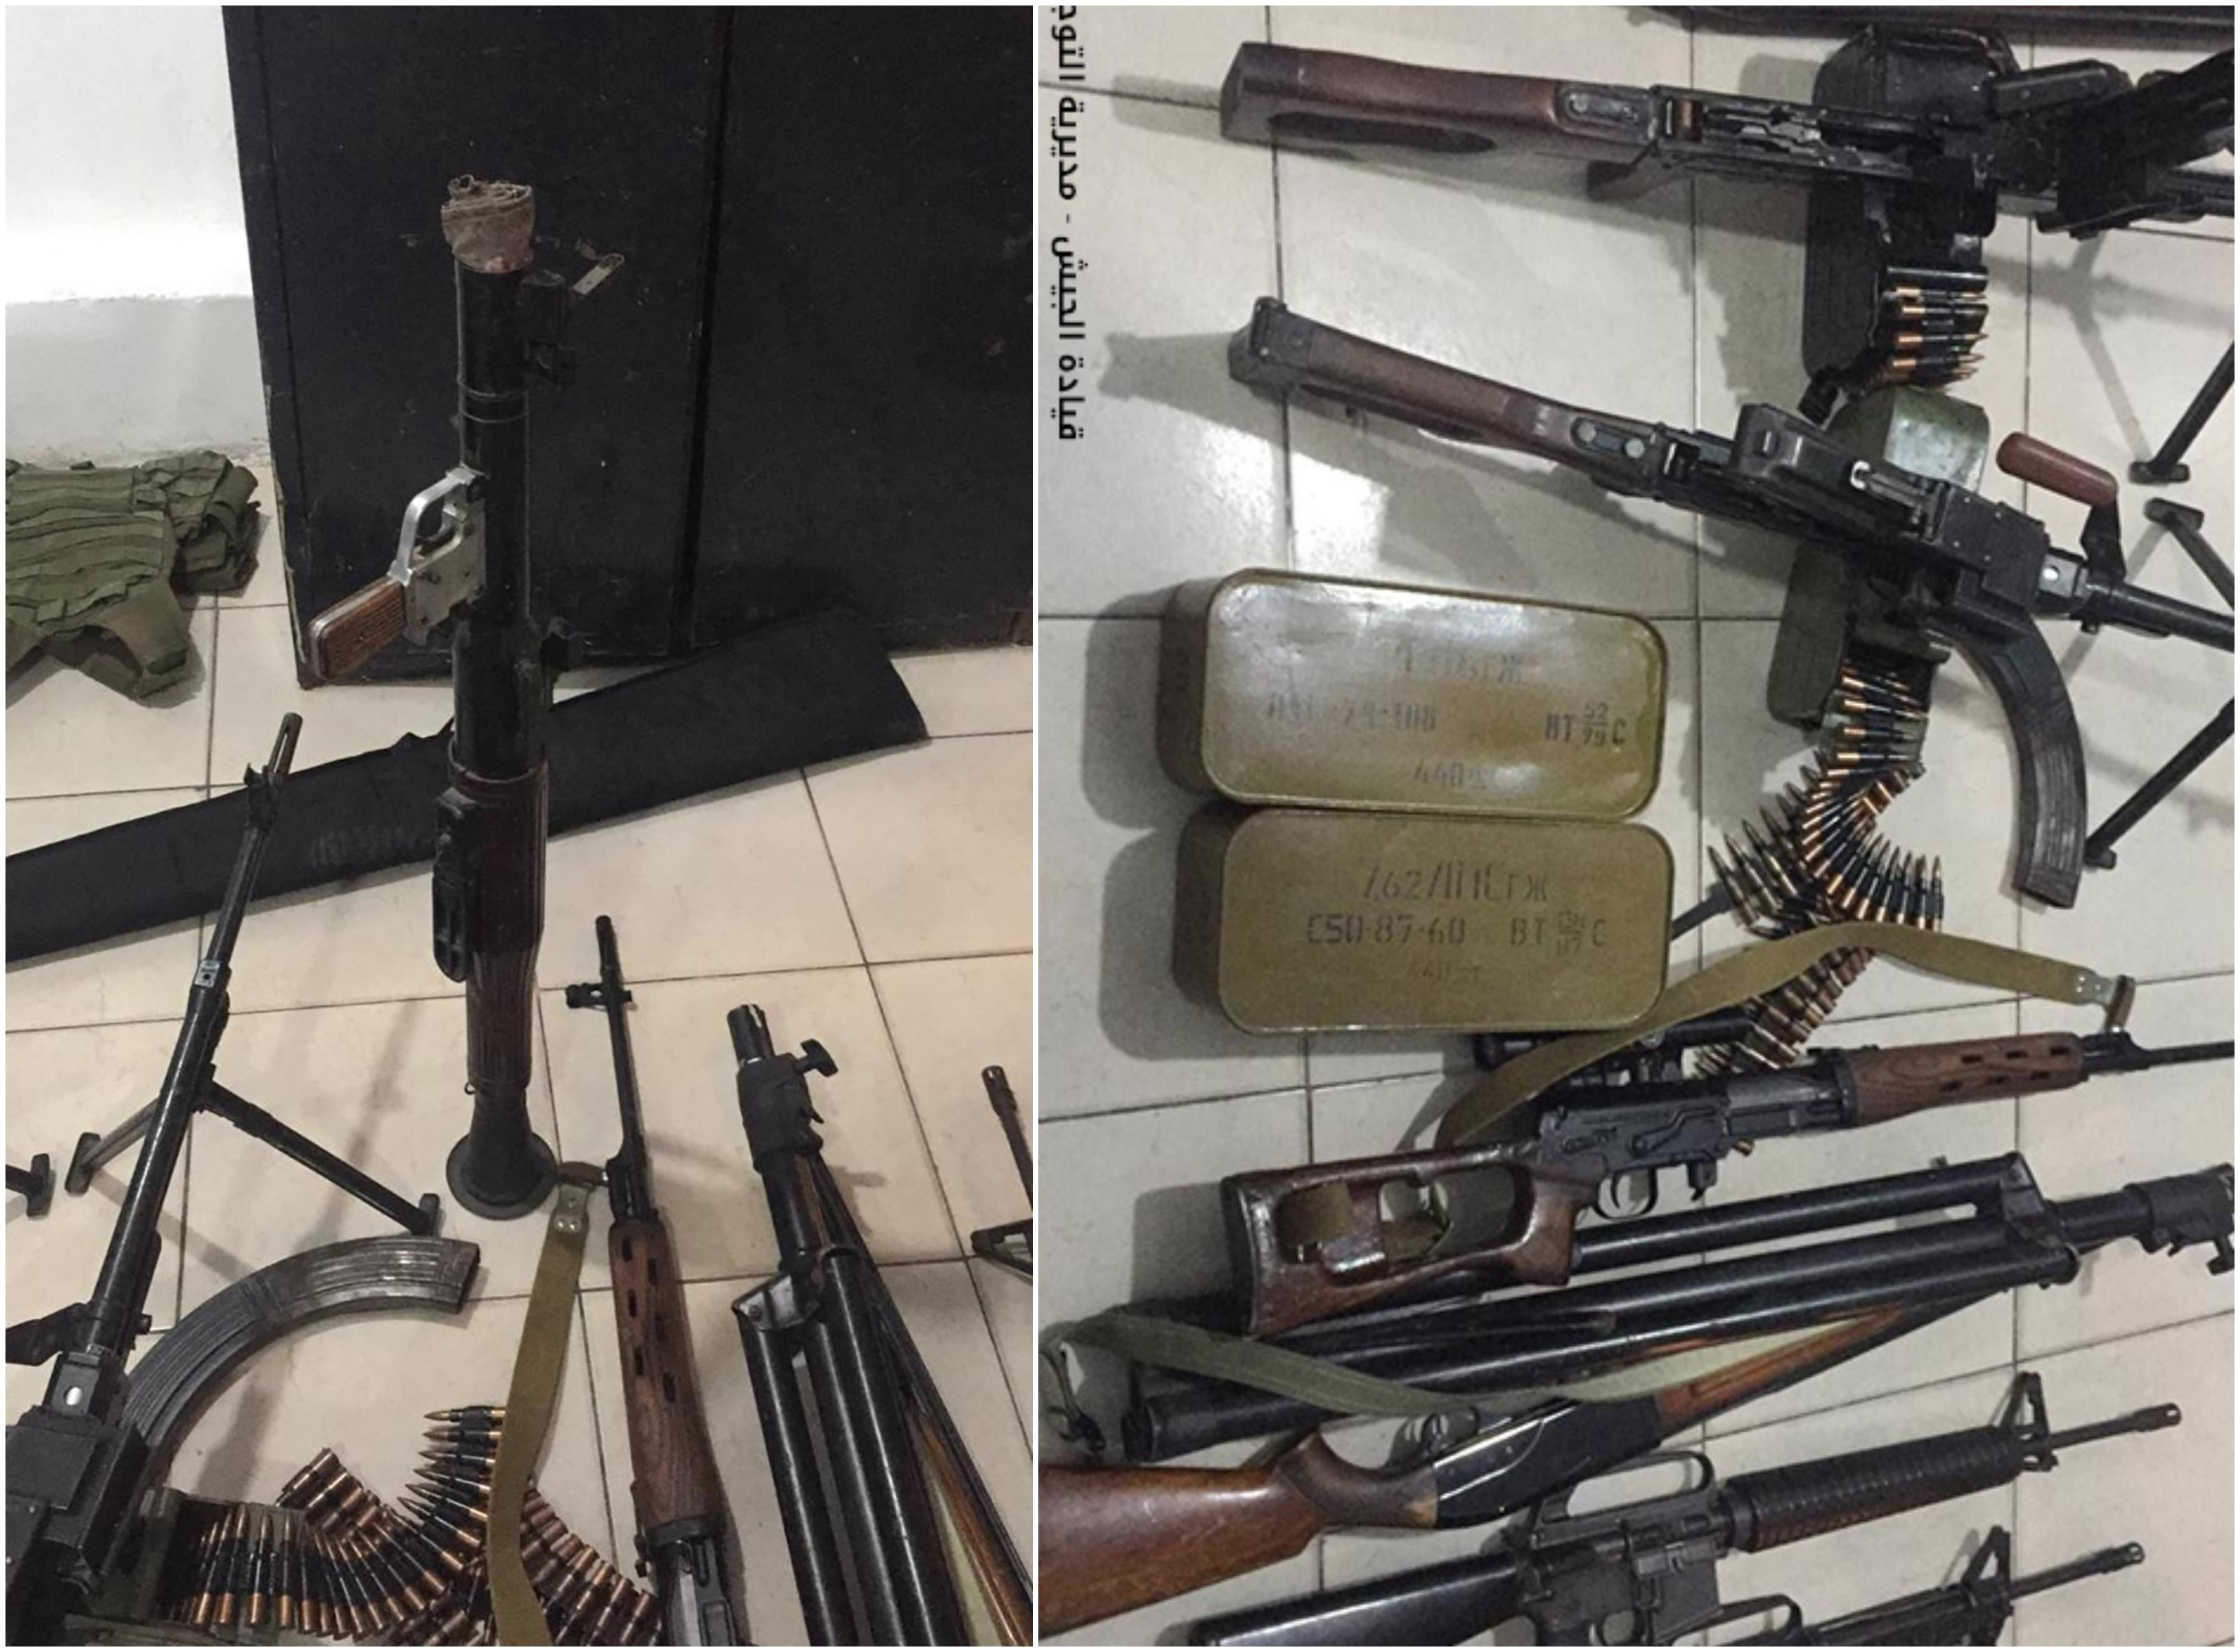 """بالصور/ الجيش يوقف """"رابيد"""" محمل بقذائف """"أر بي جي"""" وكمية كبيرة من الذخائر في عكار...ومواطن مرتبط بتجارة الأسلحة ضبطت في منزله كمية من الأسلحة الحربية في المنية!"""